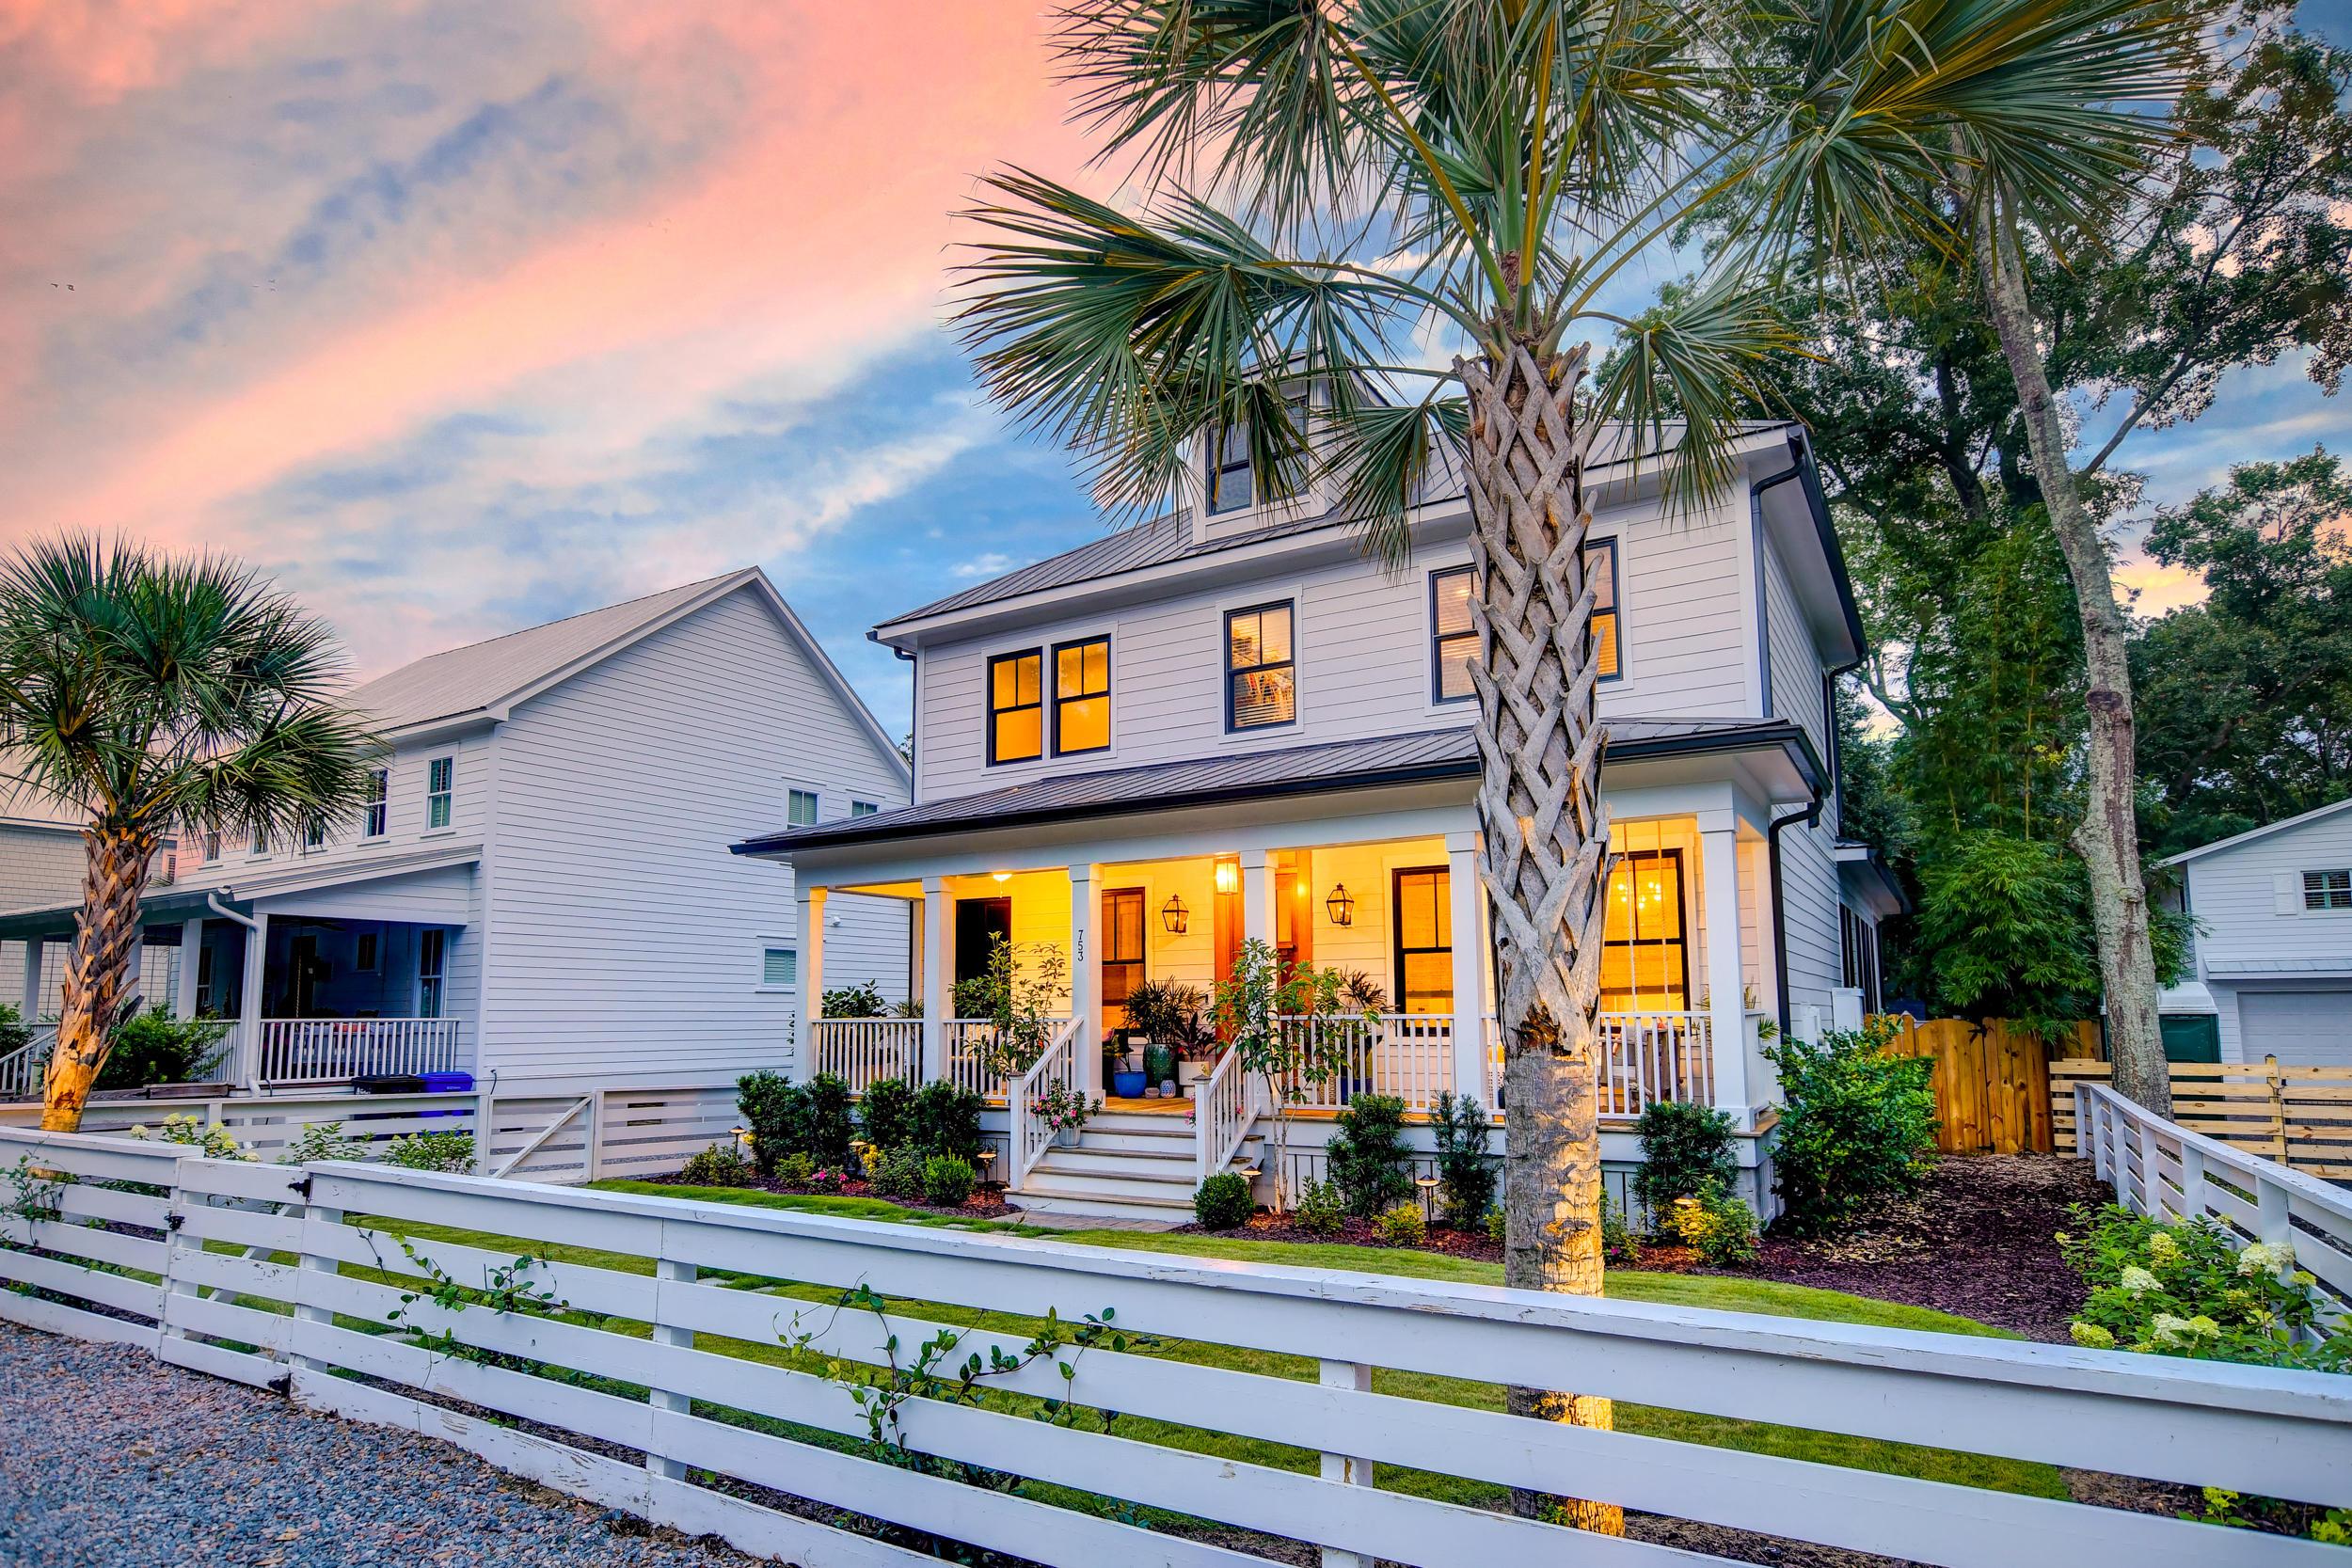 Old Mt Pleasant Homes For Sale - 753 Mccants, Mount Pleasant, SC - 0